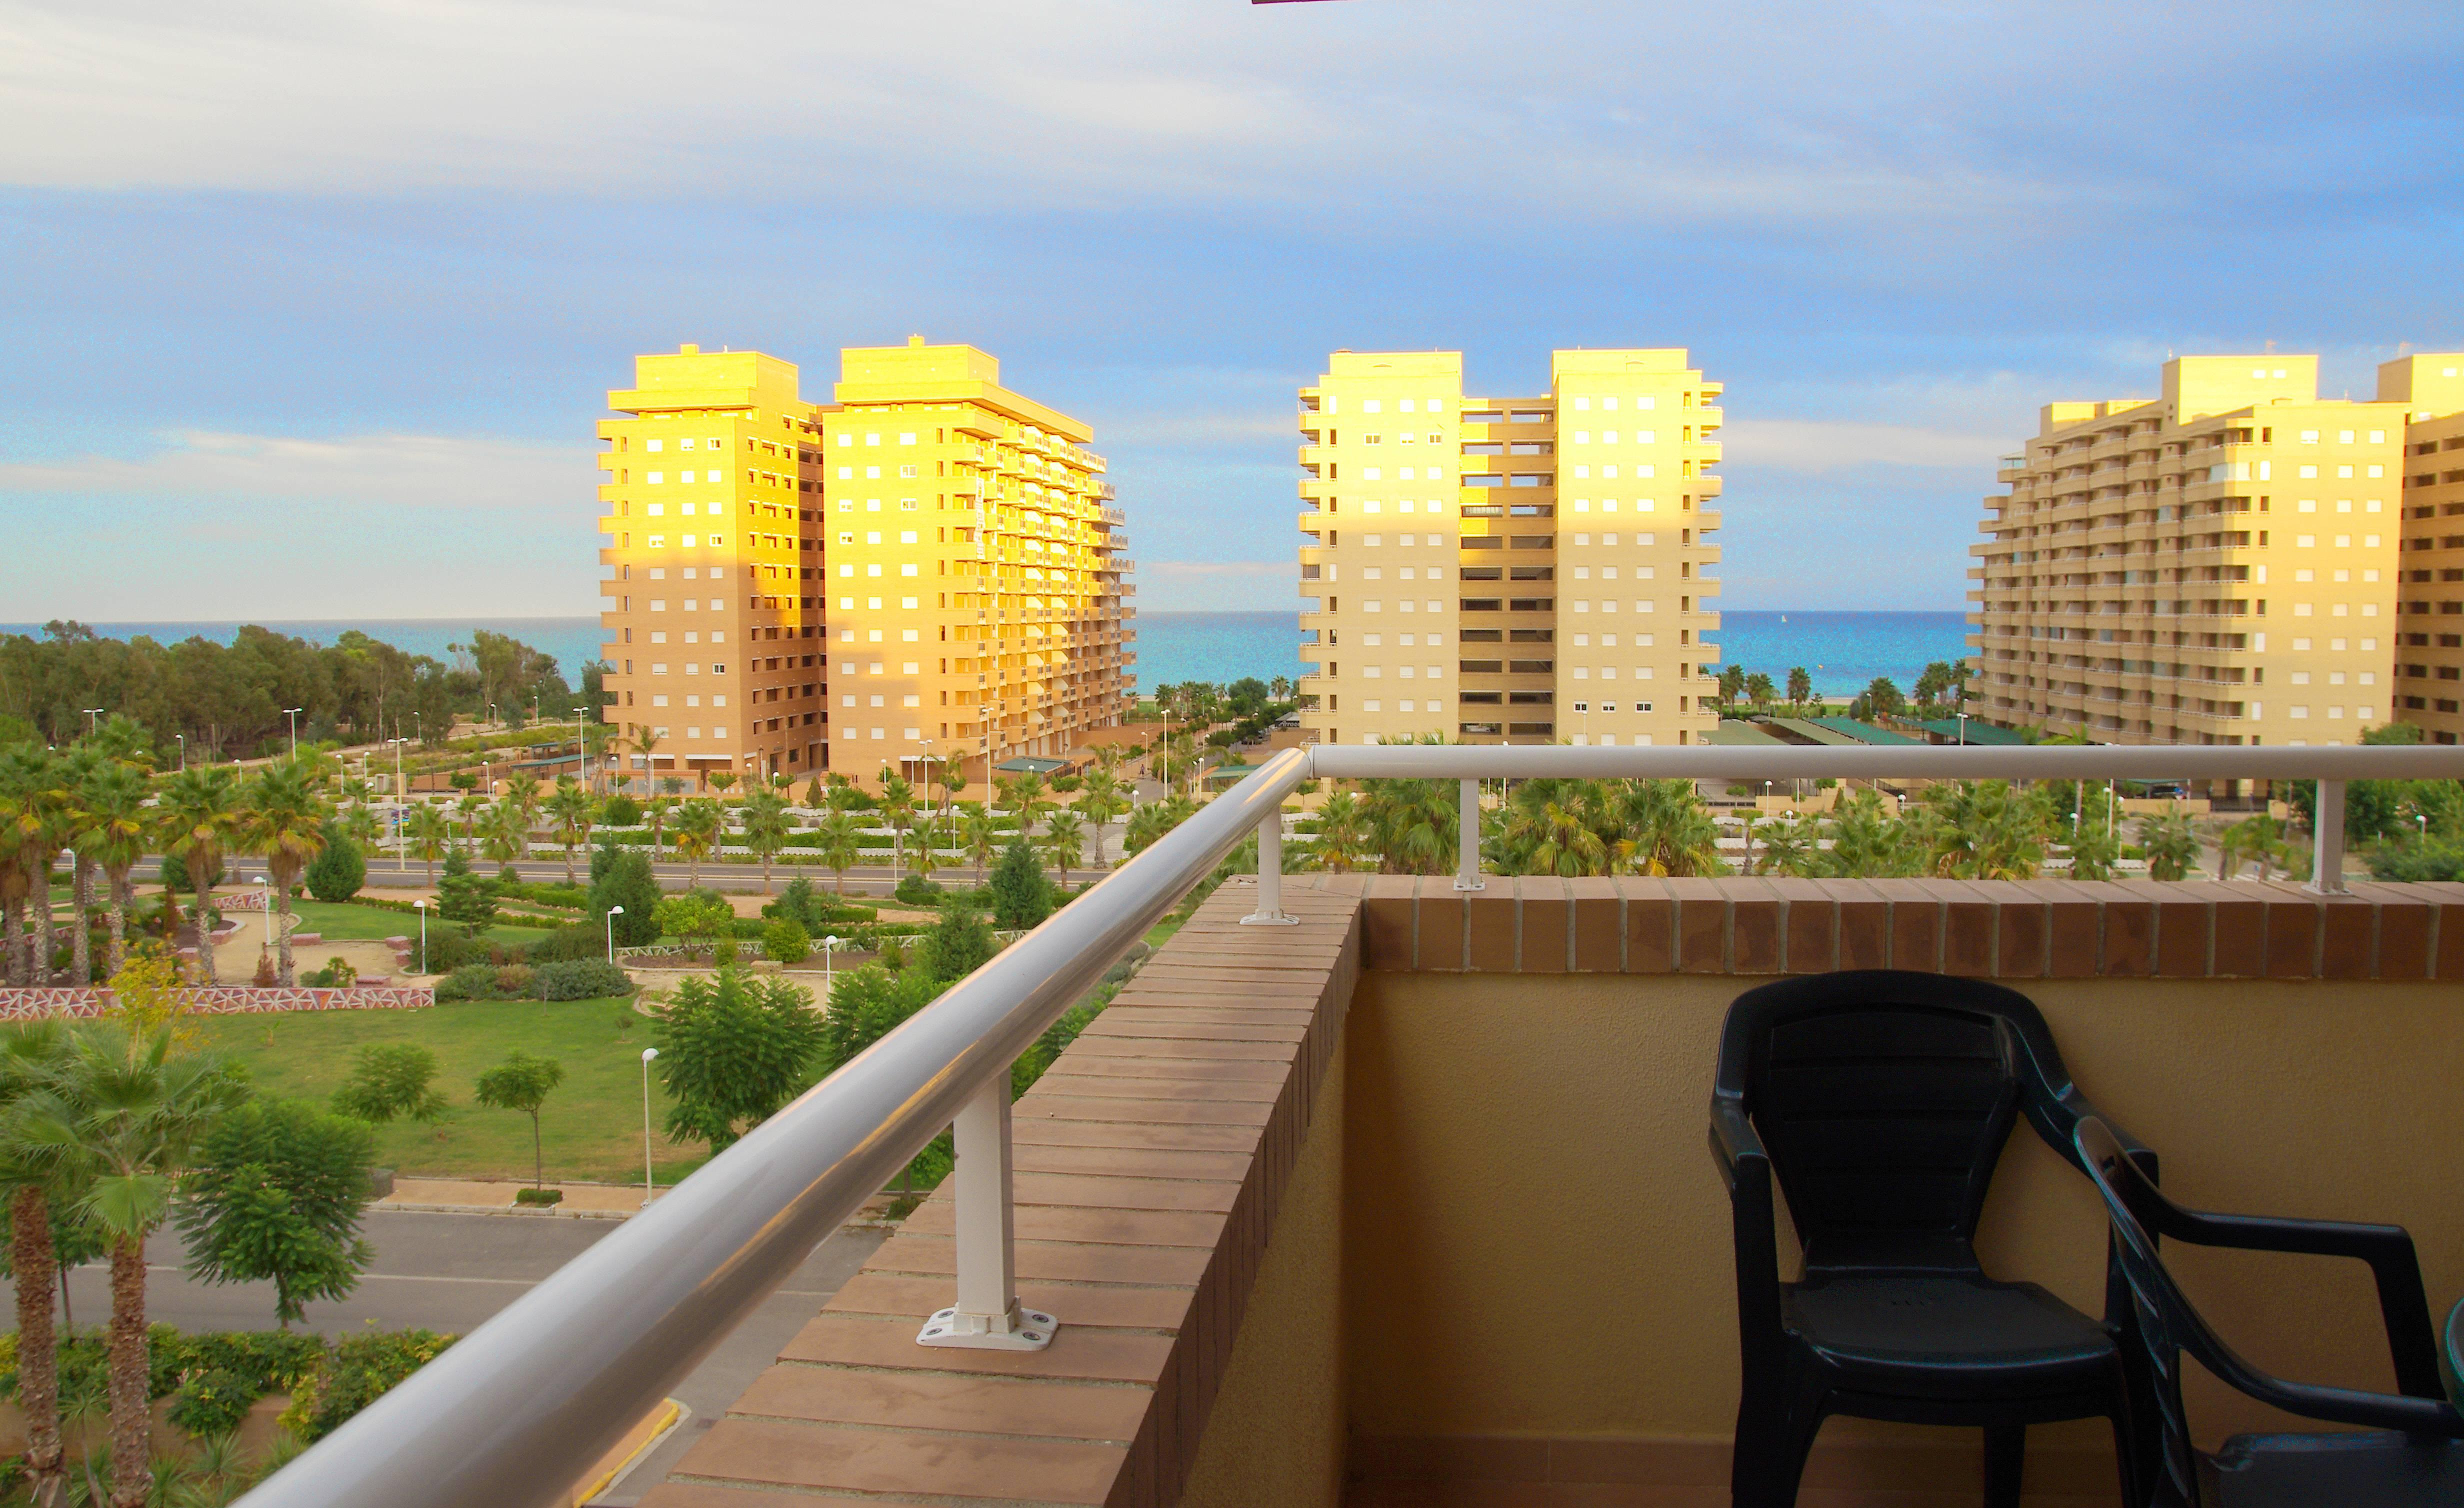 Apartamentos oropesa del mar orpesa castell n alquiler apartamentos y pisos tur sticos - Alquiler apartamentos oropesa del mar ...